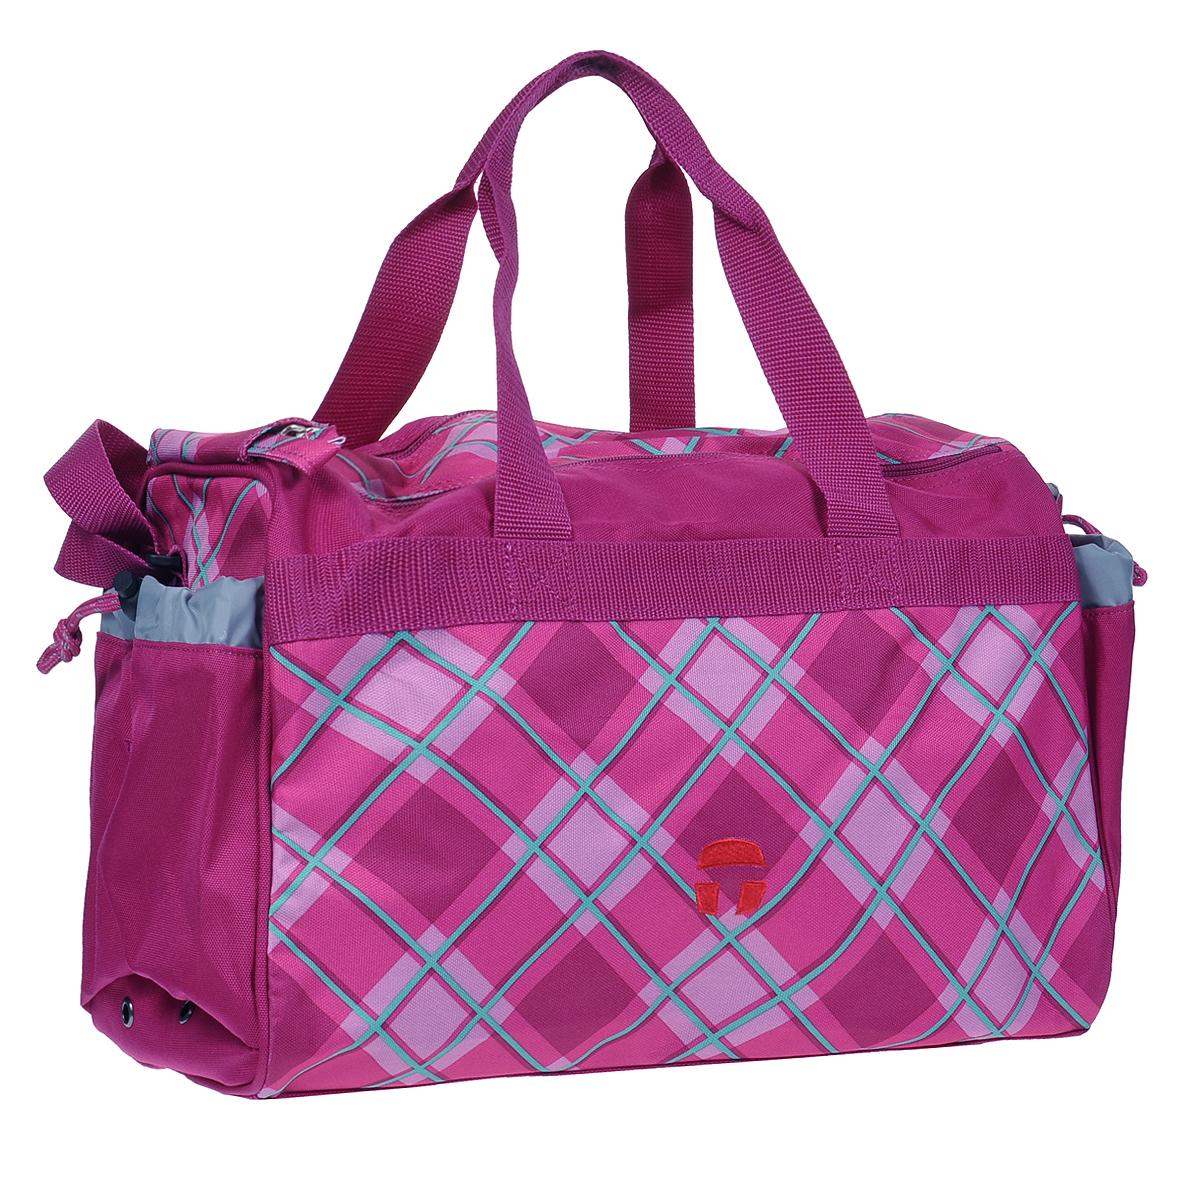 Сумка спортивная детская Take It Easy Фантазия, цвет: фуксия28407475049Спортивная сумка Take It Easy Фантазия выполнена из высококачественного материала и оформлена небольшой вышивкой. Сумка состоит из одного вместительного отделения, закрывающегося на две застежки-молнии и липучку. Бегунки на застежках соединены общим текстильным держателем. На внешней стороне сумки расположен объемный втачной карман для обуви, закрывающийся на застежку-молнию. По бокам находятся два внешних кармана, затягивающиеся сверху текстильным шнурком с фиксатором. Спортивная сумка оснащена двумя текстильными ручками для переноски в руке и плечевым ремнем, регулируемым по длине. На дне сумки расположены четыре широкие пластиковые ножки, которые защитят ее от грязи и продлят срок службы.